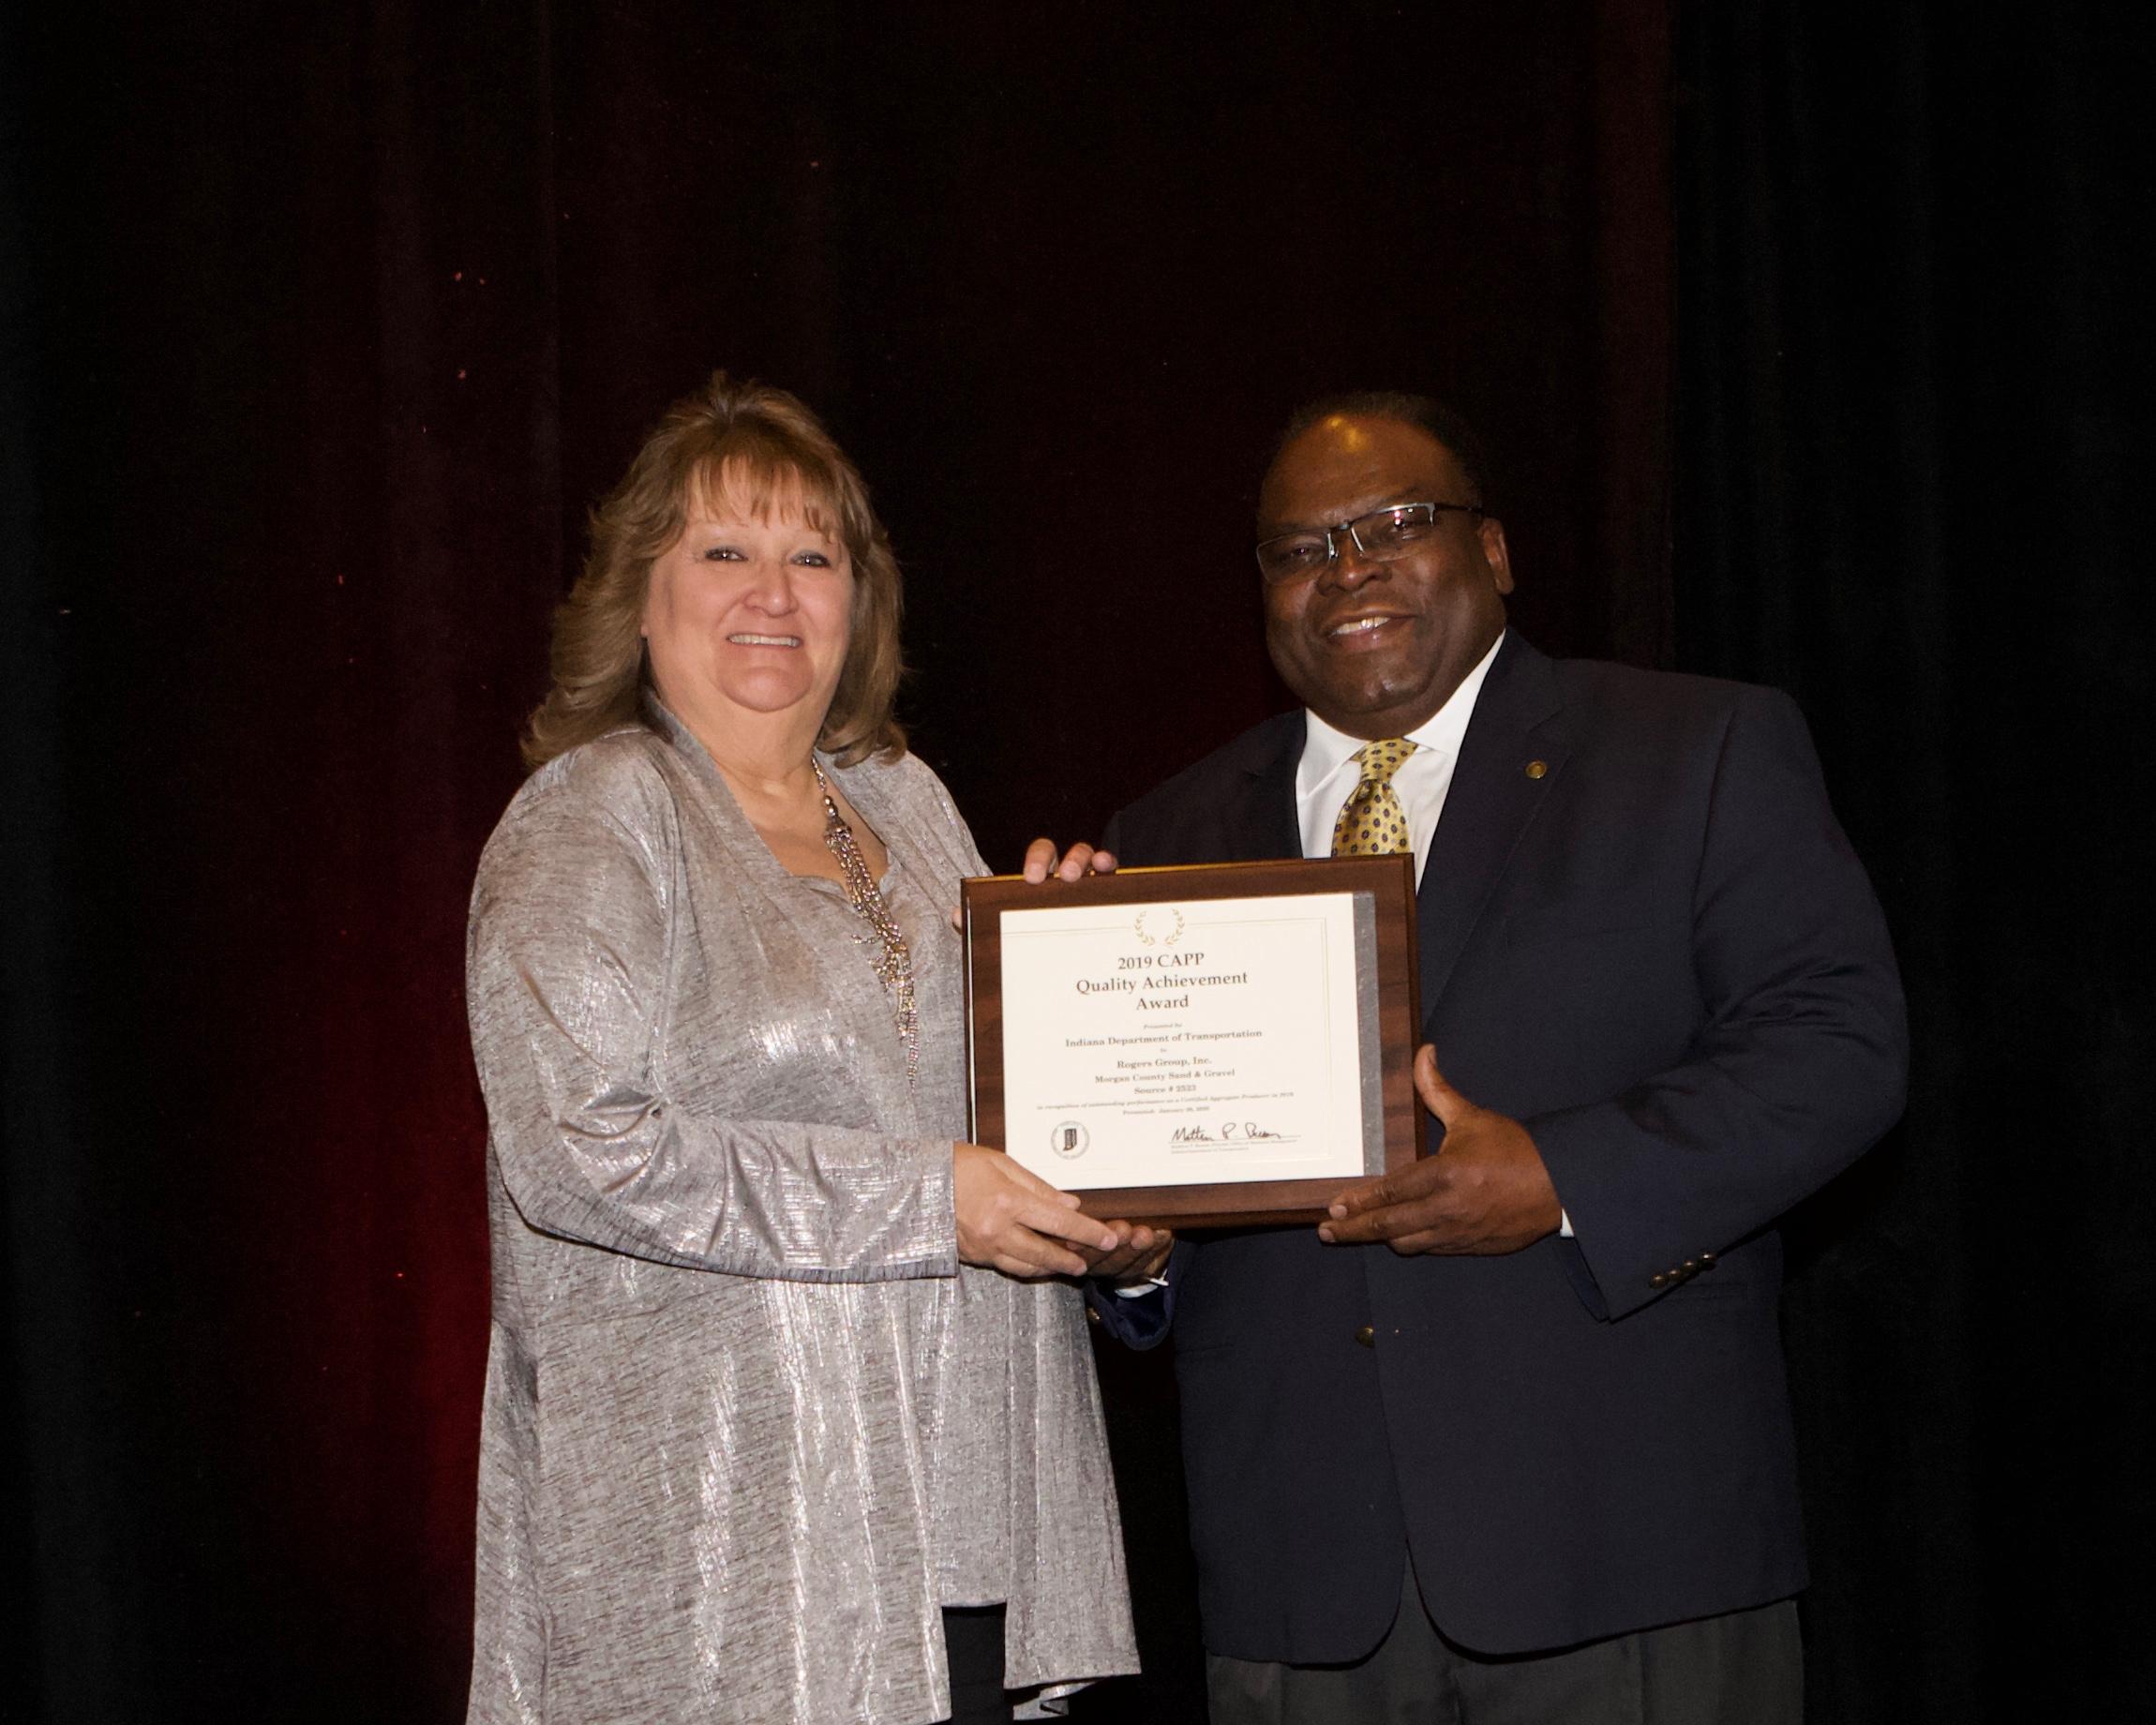 2020 IMAA Awards - 2019 District CAPP Awards